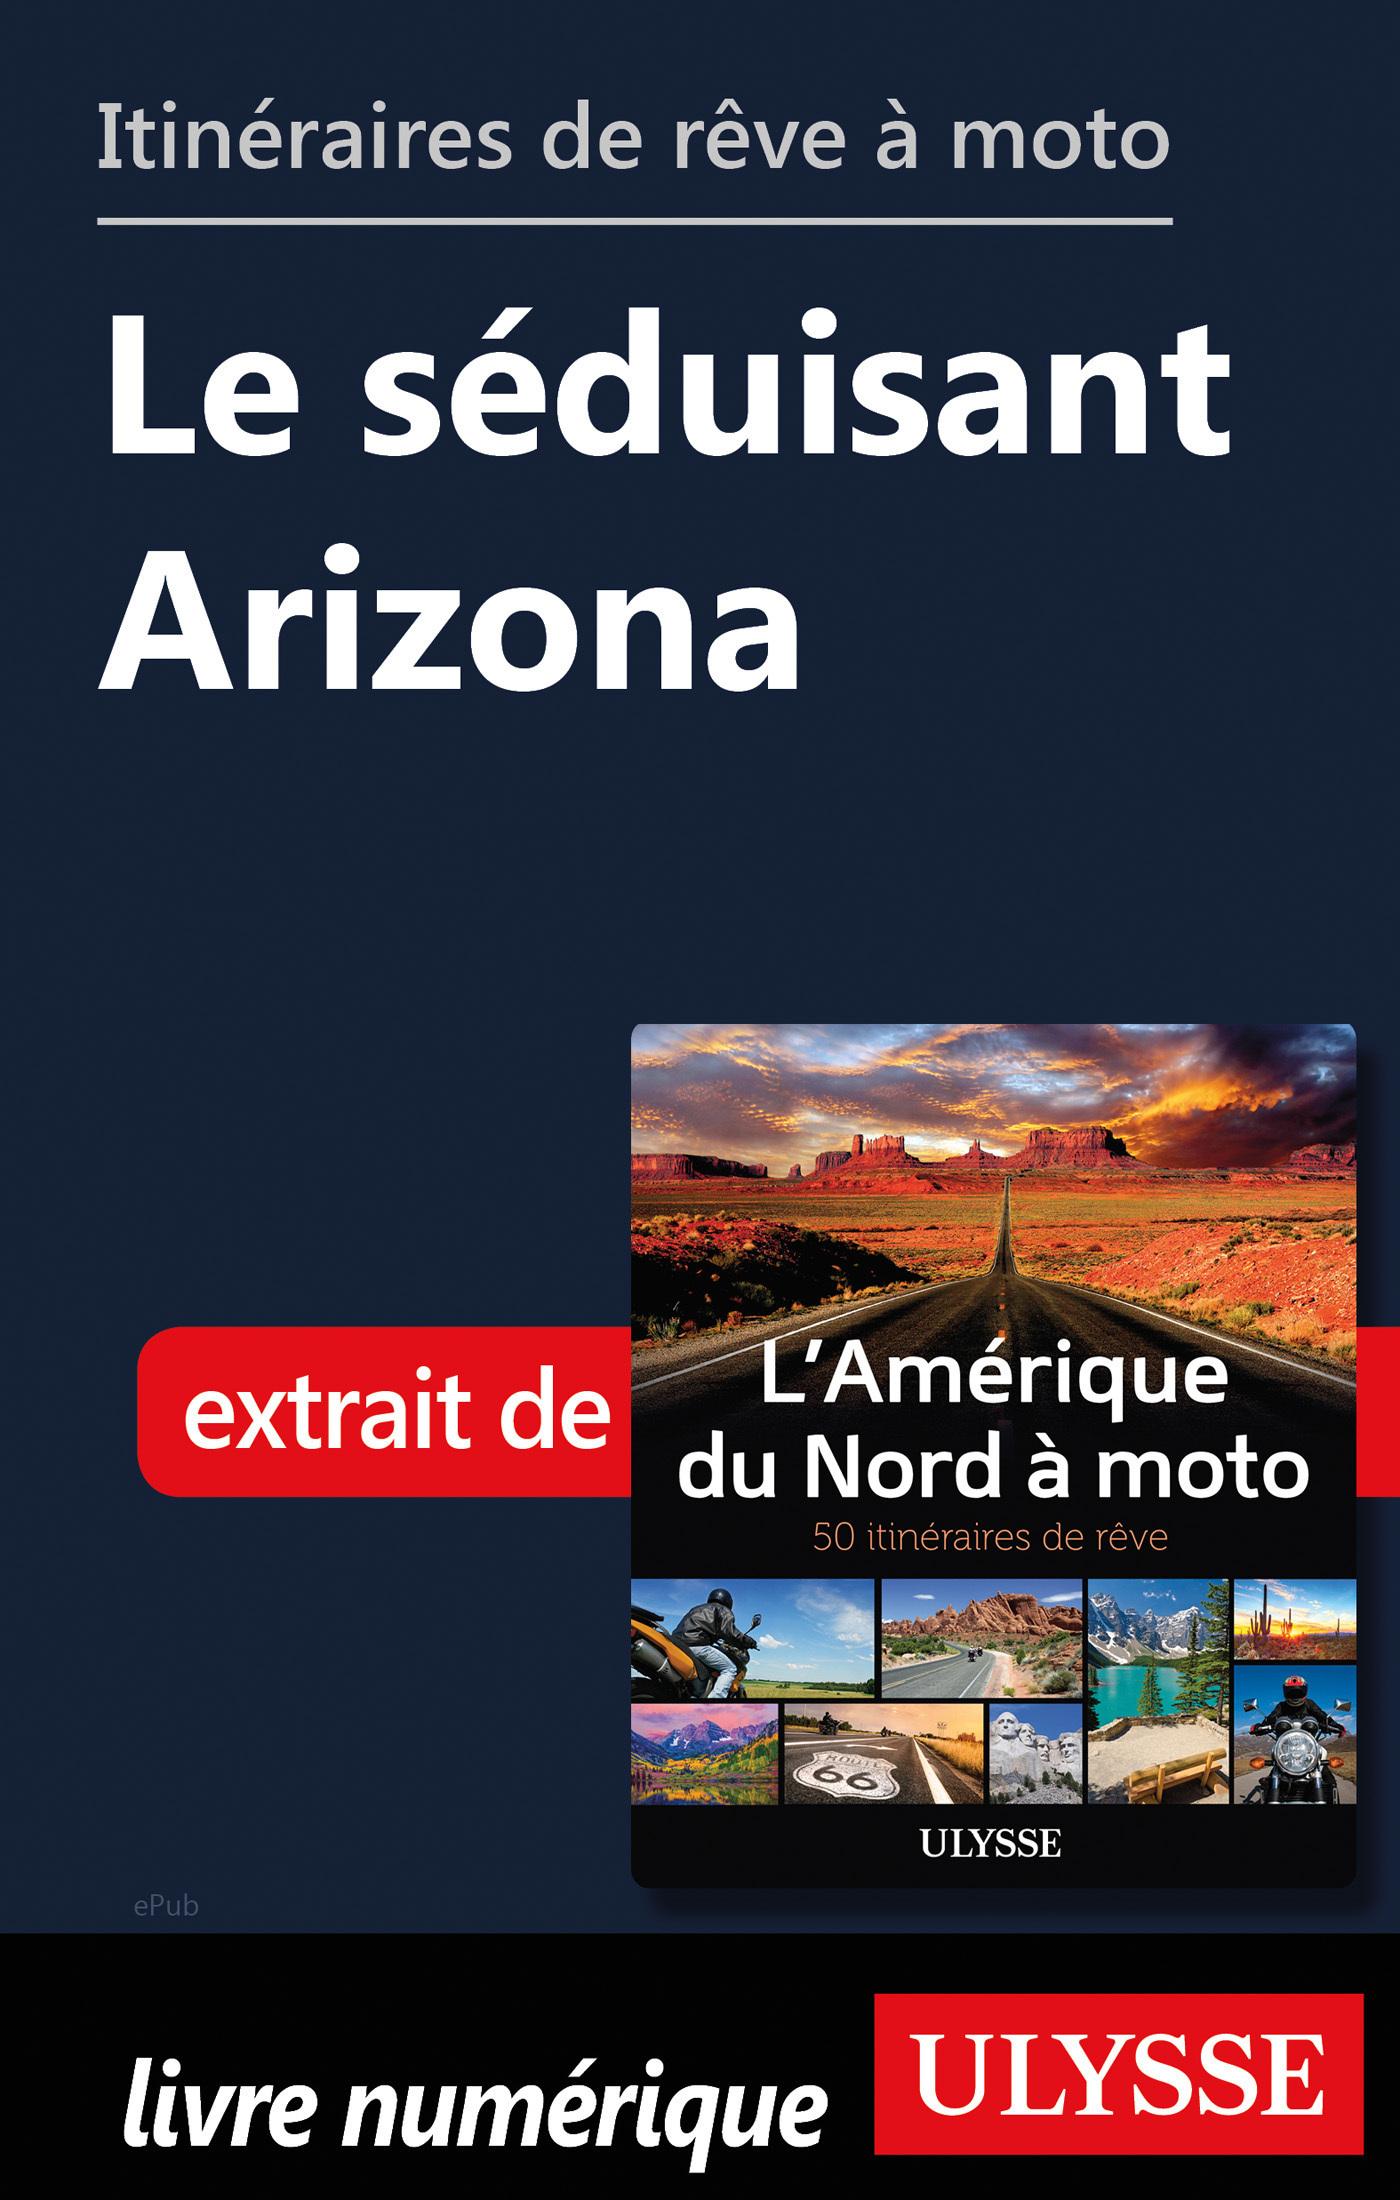 Itinéraires de rêve à moto - Le séduisant Arizona